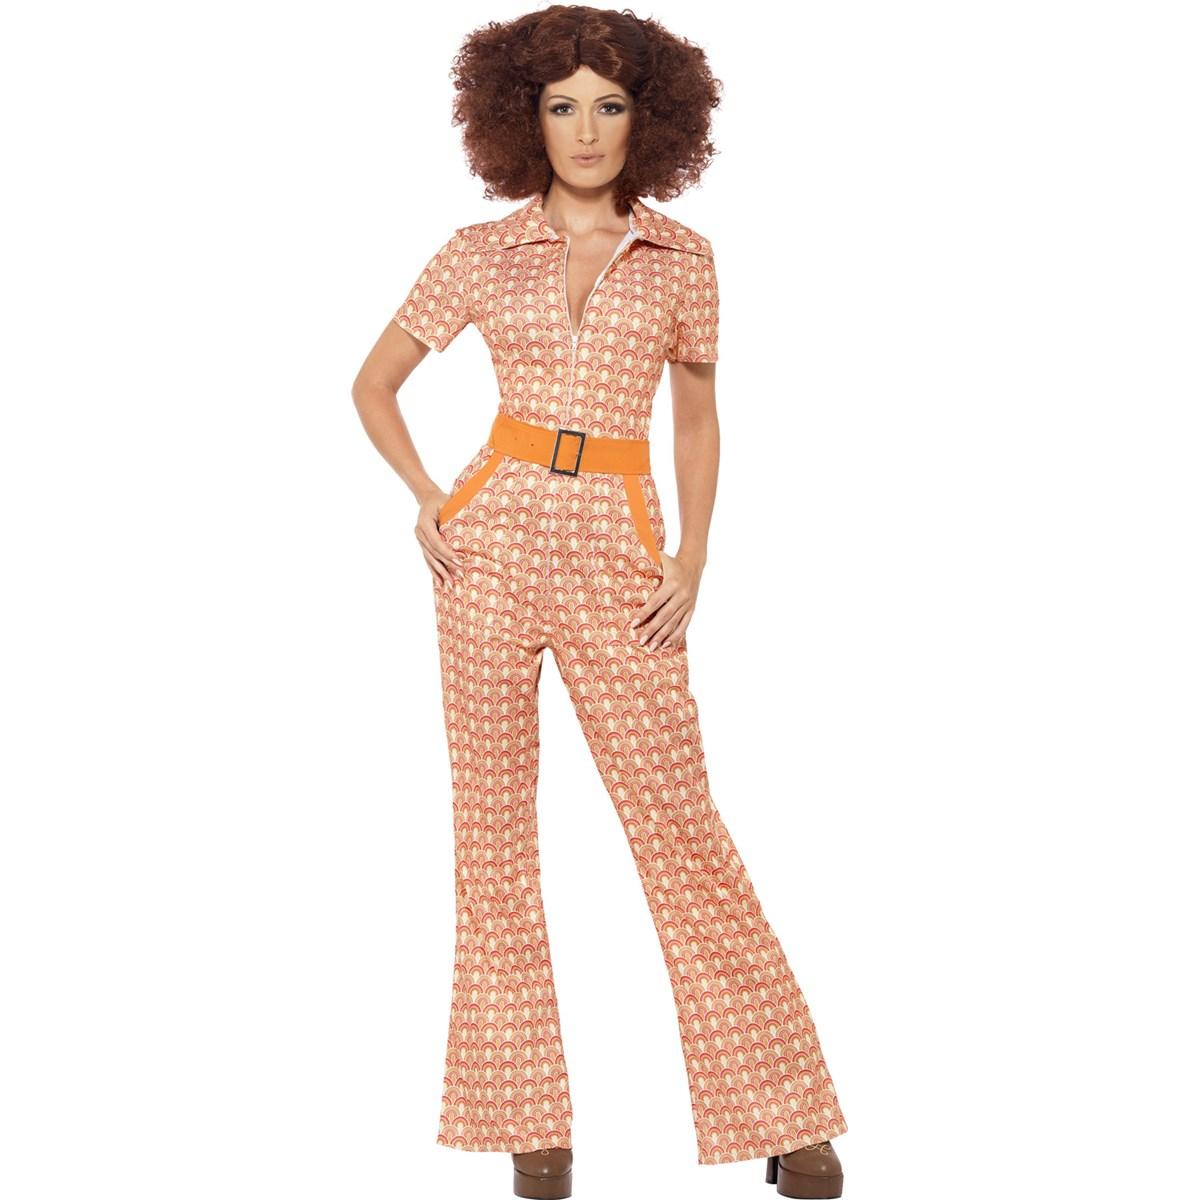 Fashion of the disco era 28